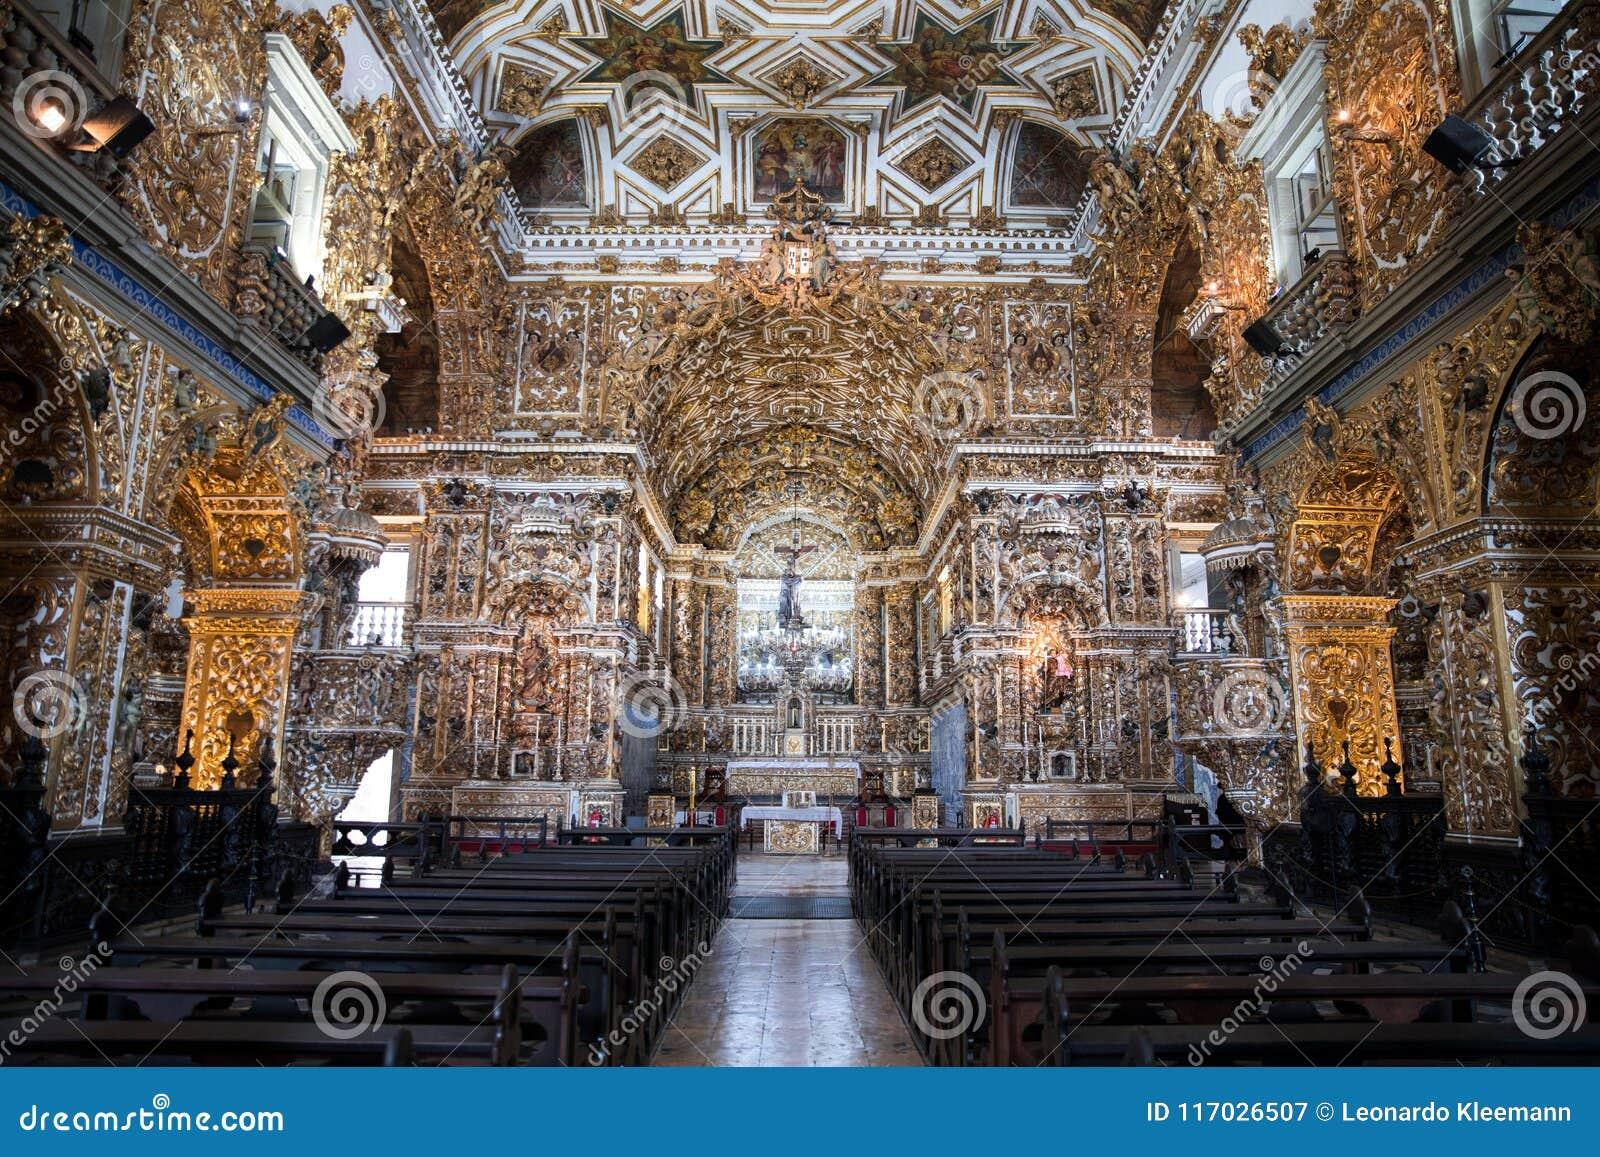 Binnenigreja e Convento DE São Francisco in Bahia, Salvador - Brazilië